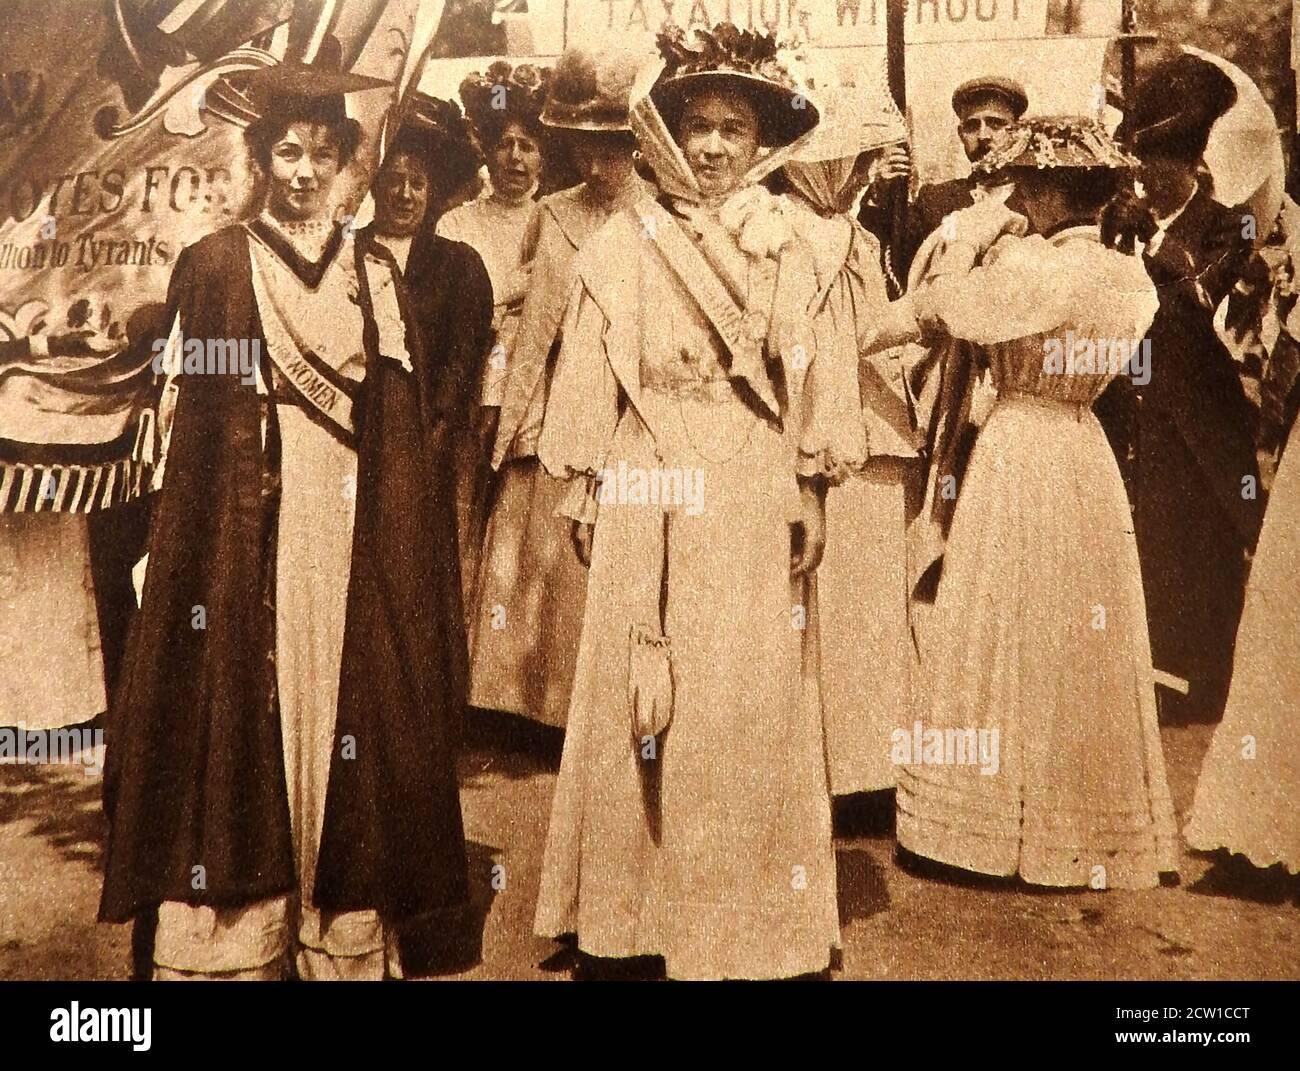 1908 SUFFRAGETTES - 'Martyrs' Mme Pankhurst et Emmeline Pethick-Lawrence assistent à la manifestation du dimanche des femmes à Londres le 21 juin 1908 pour persuader le gouvernement libéral de soutenir les votes pour les femmes. Banque D'Images